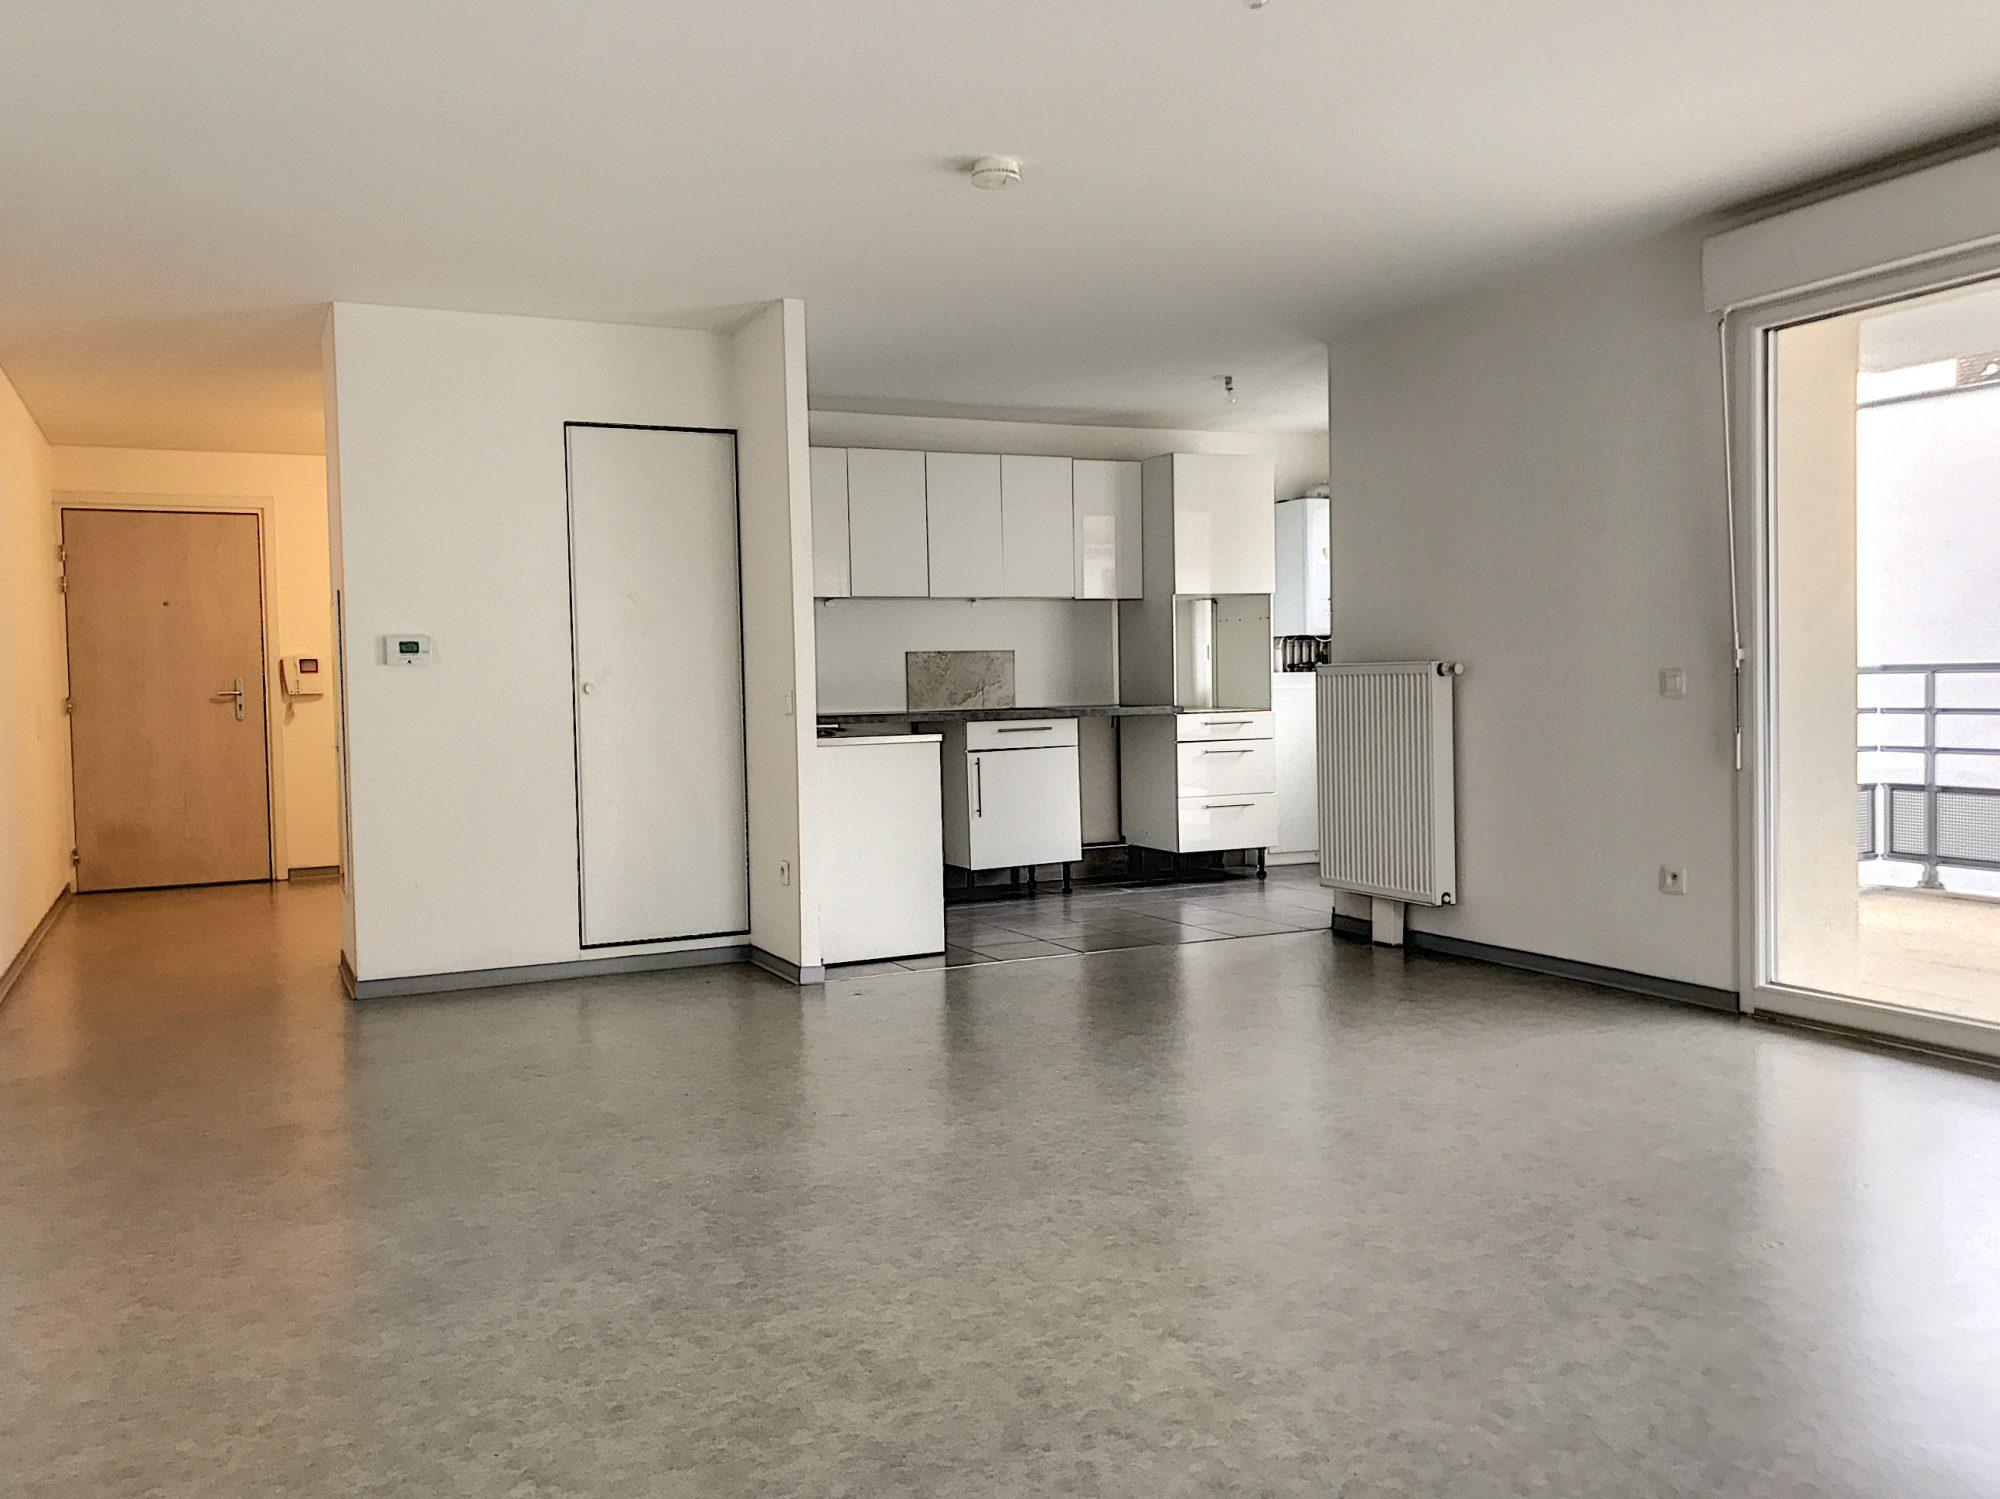 3 Pièces SCHILTIGHEIM + Terrasse - Devenez locataire en toute sérénité - Bintz Immobilier - 1